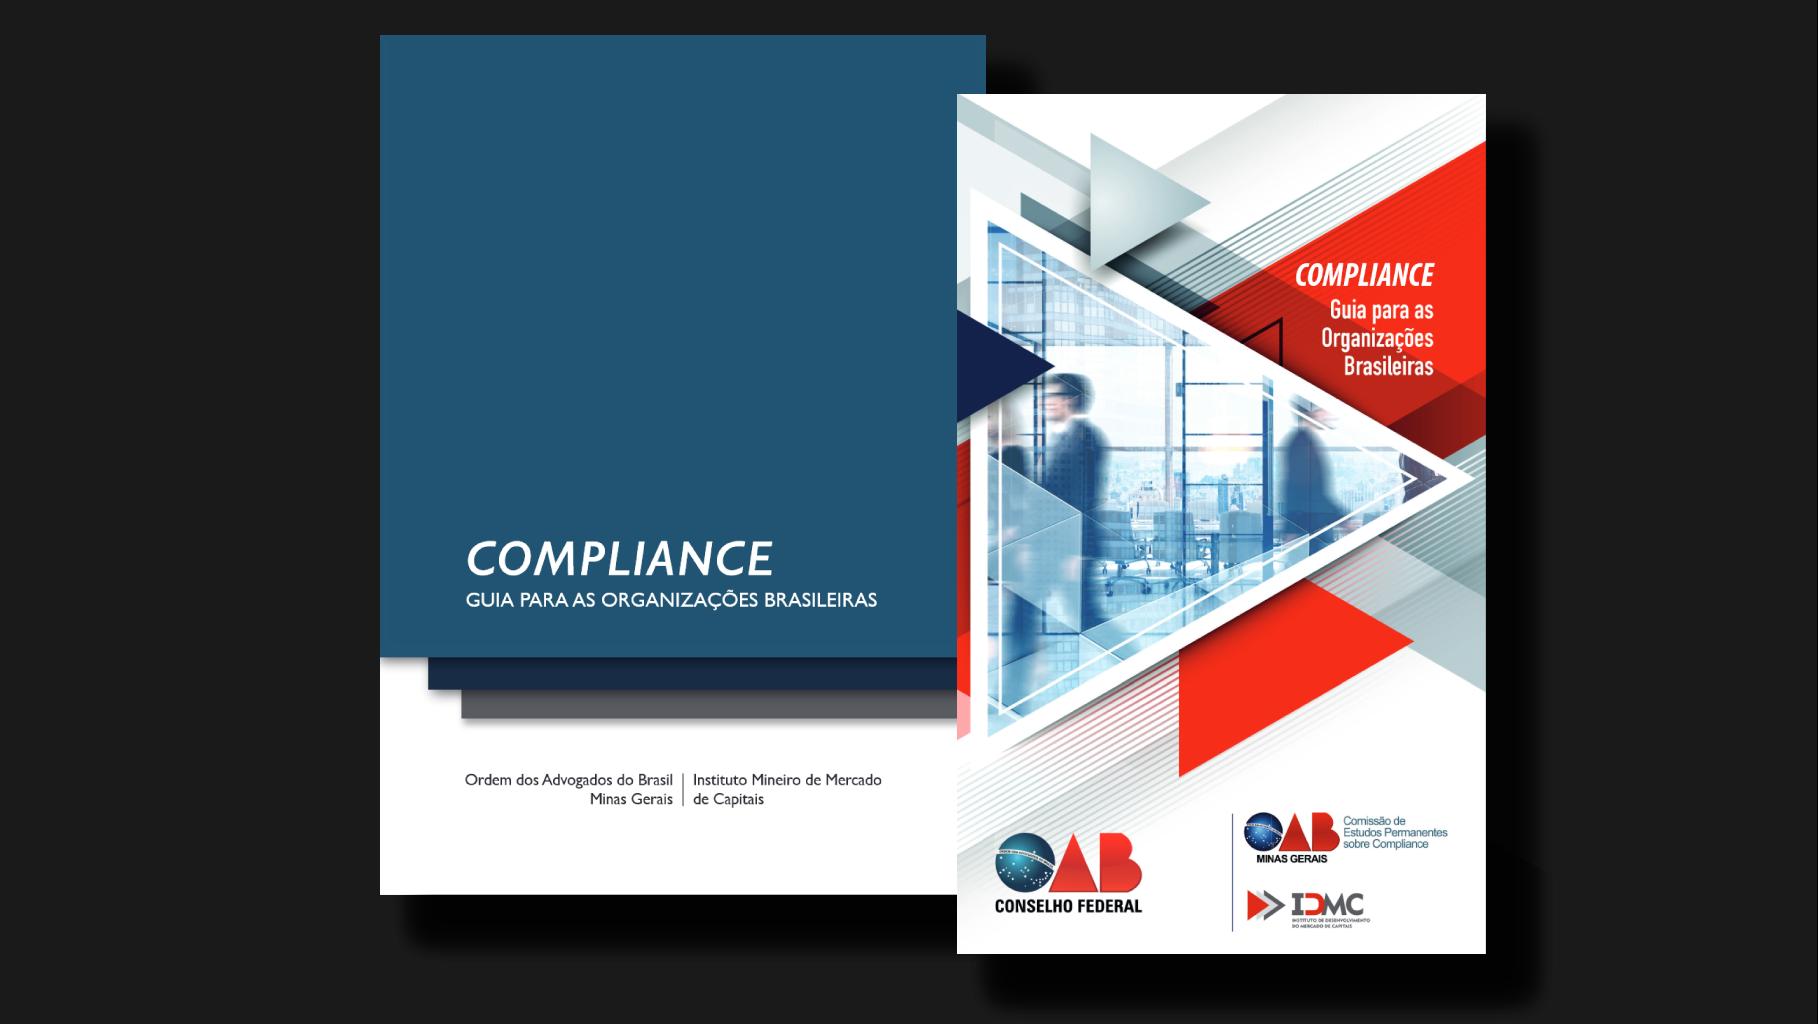 """Cartilha """"Compliance: Guia para Organizações Brasileiras"""" (2016 e 2018)"""